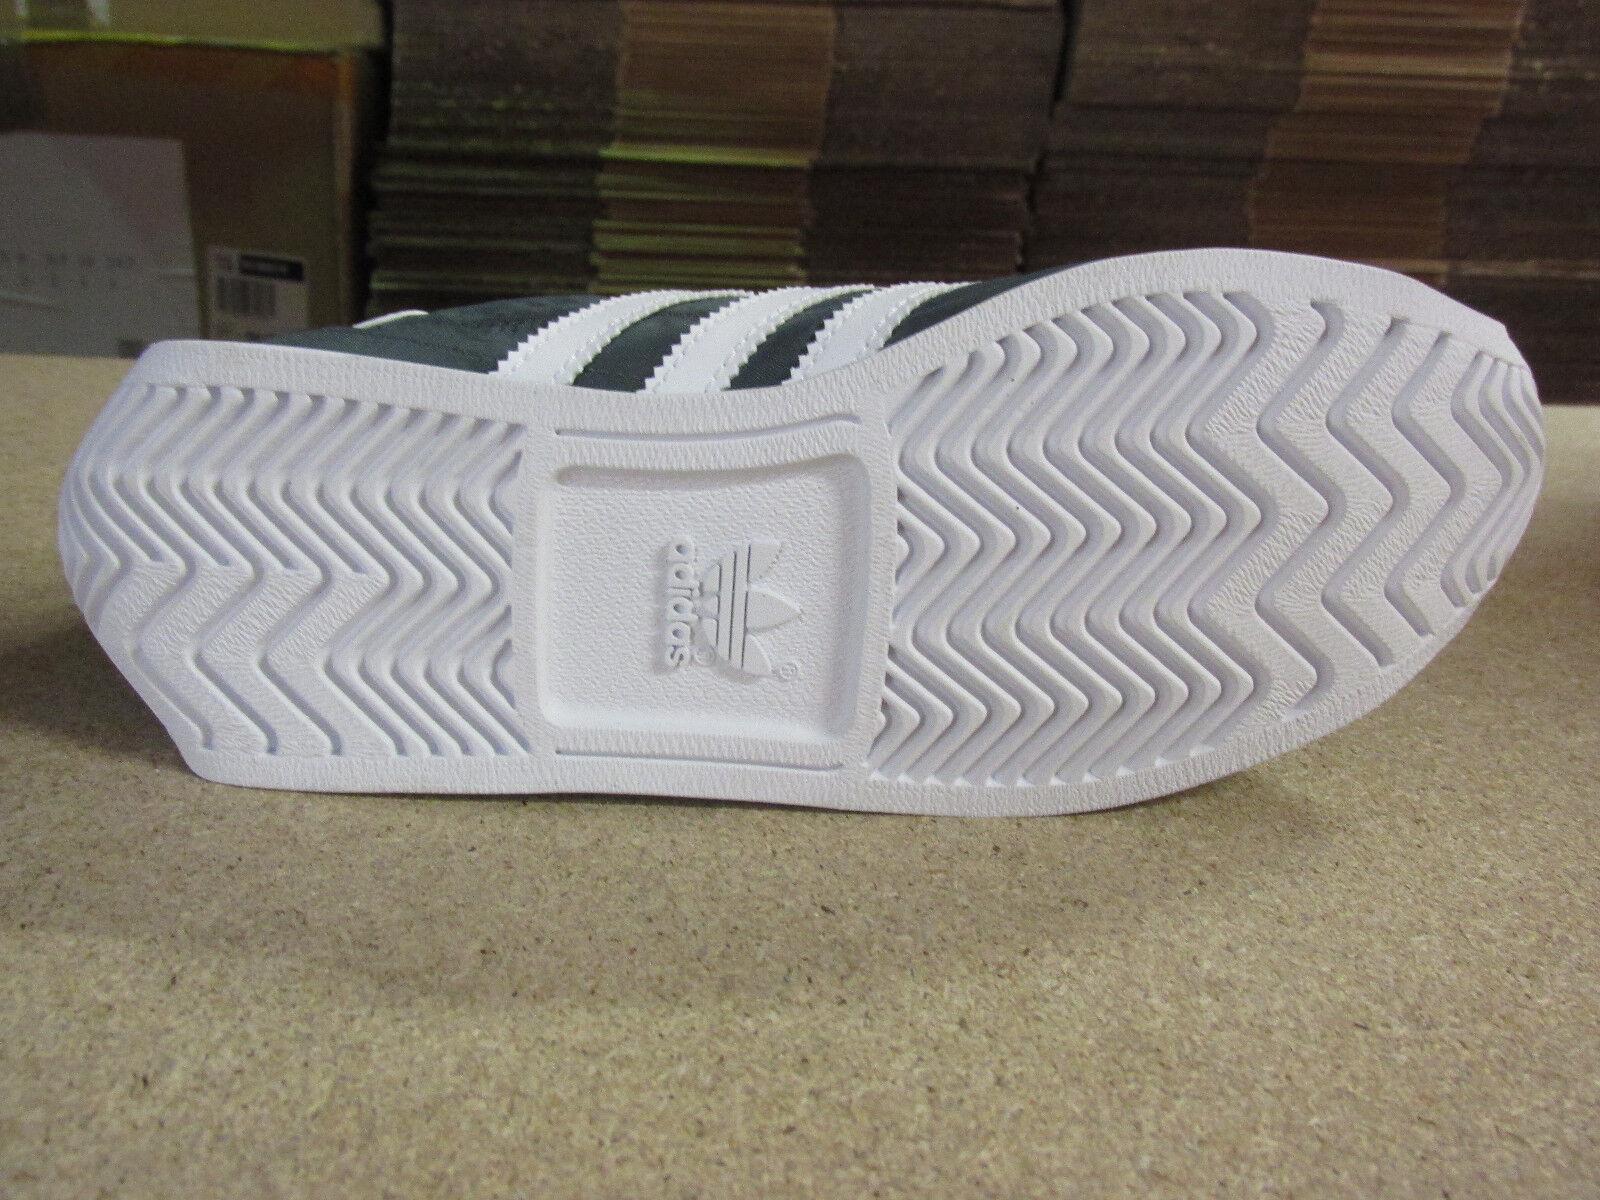 adidas donna originali land og da donna adidas scarpe ginnastica s32201 tennis 76cc07